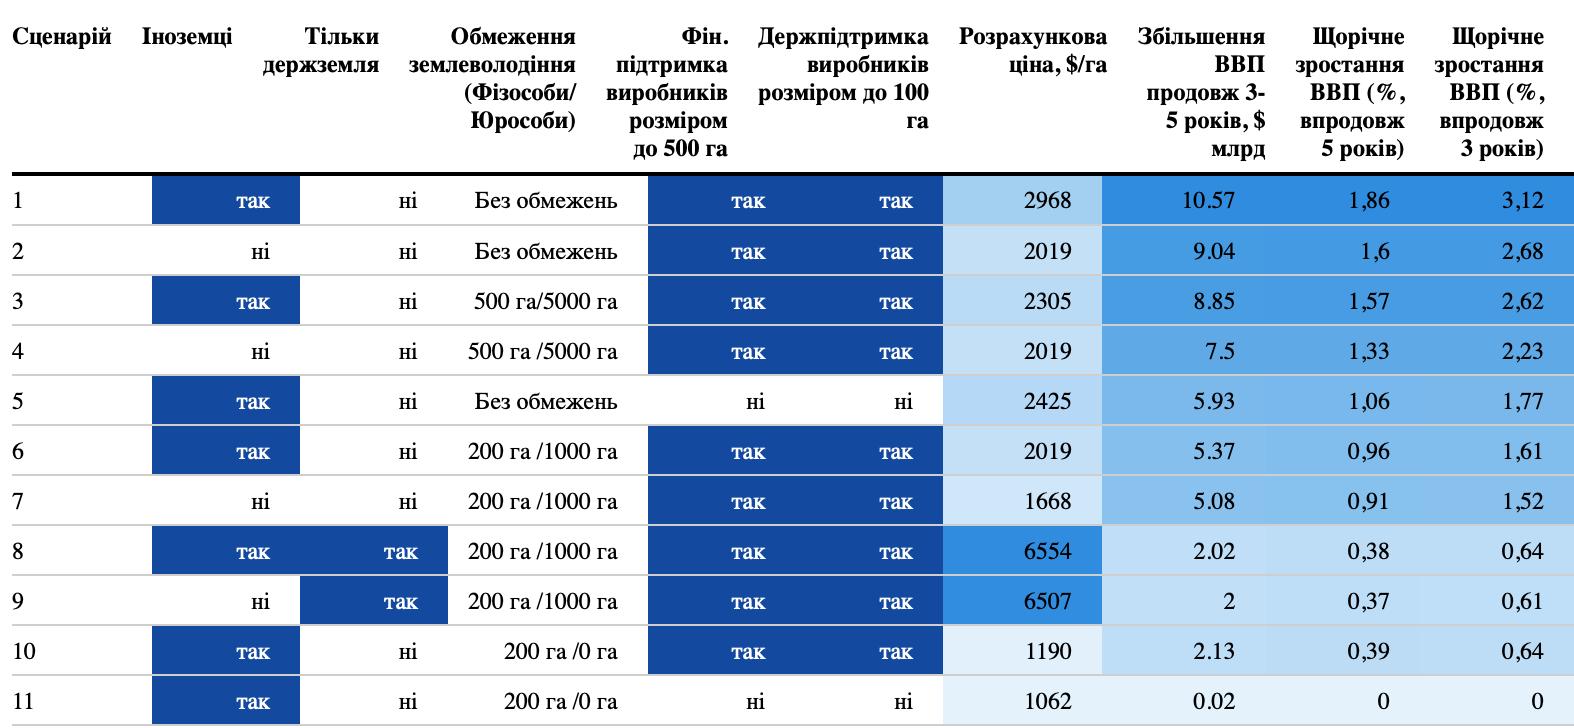 Таблица: Экономическое влияние отдельных сценариев внедрения рынка земли